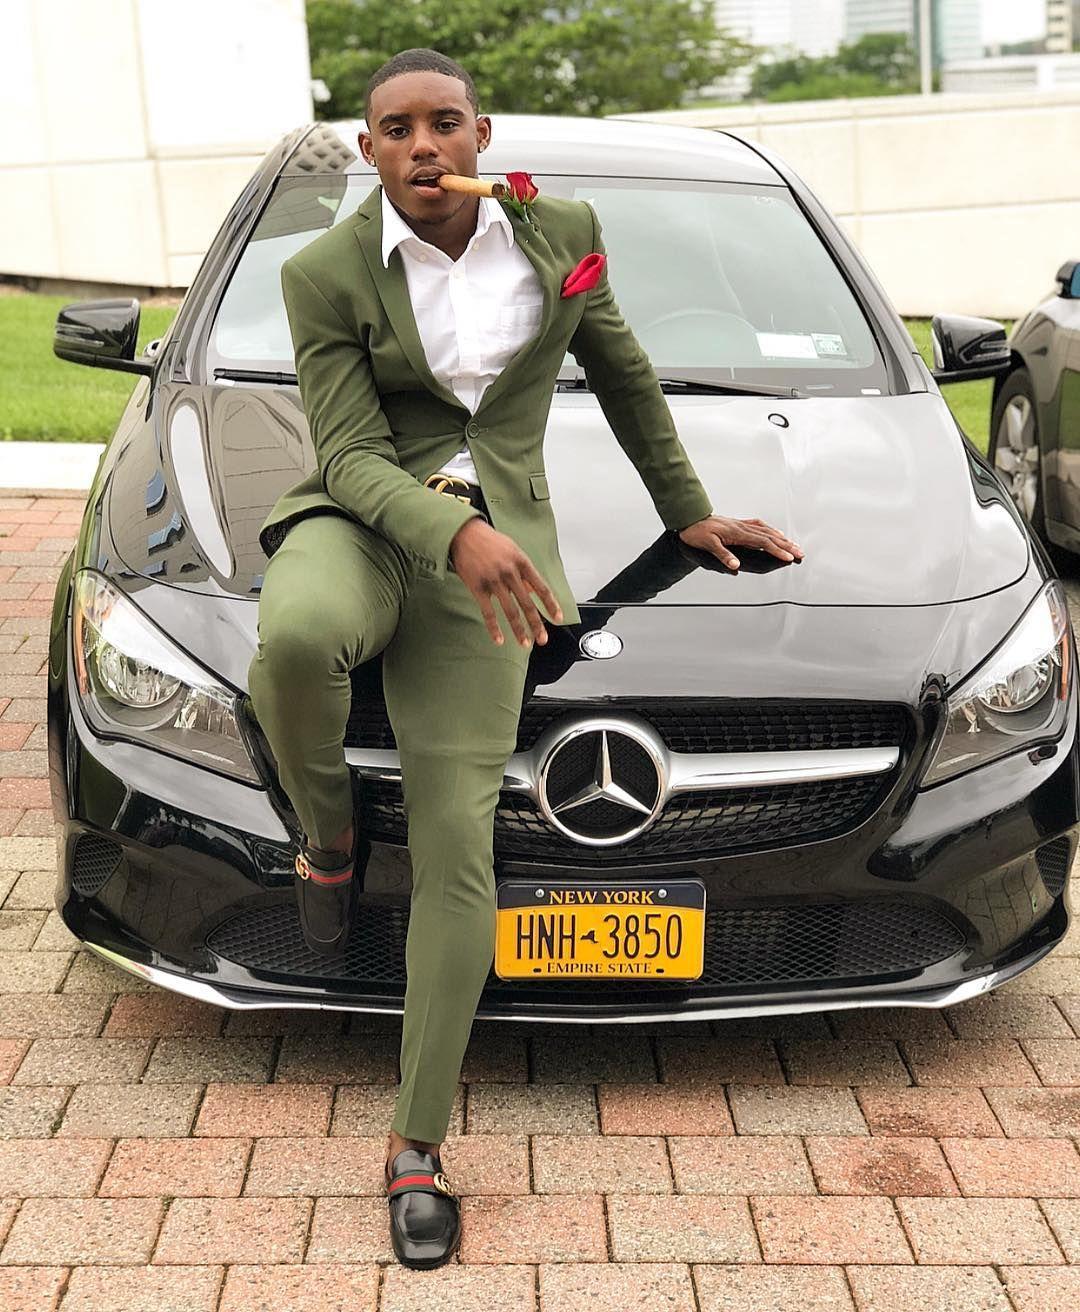 Günstige Olivgrün Herren Anzüge Slim Fit Zwei Stücke Groomsmen Hochzeit Smokings für Männer spitzen Revers formale Abschlussball-Anzug (Jacket + Pants)